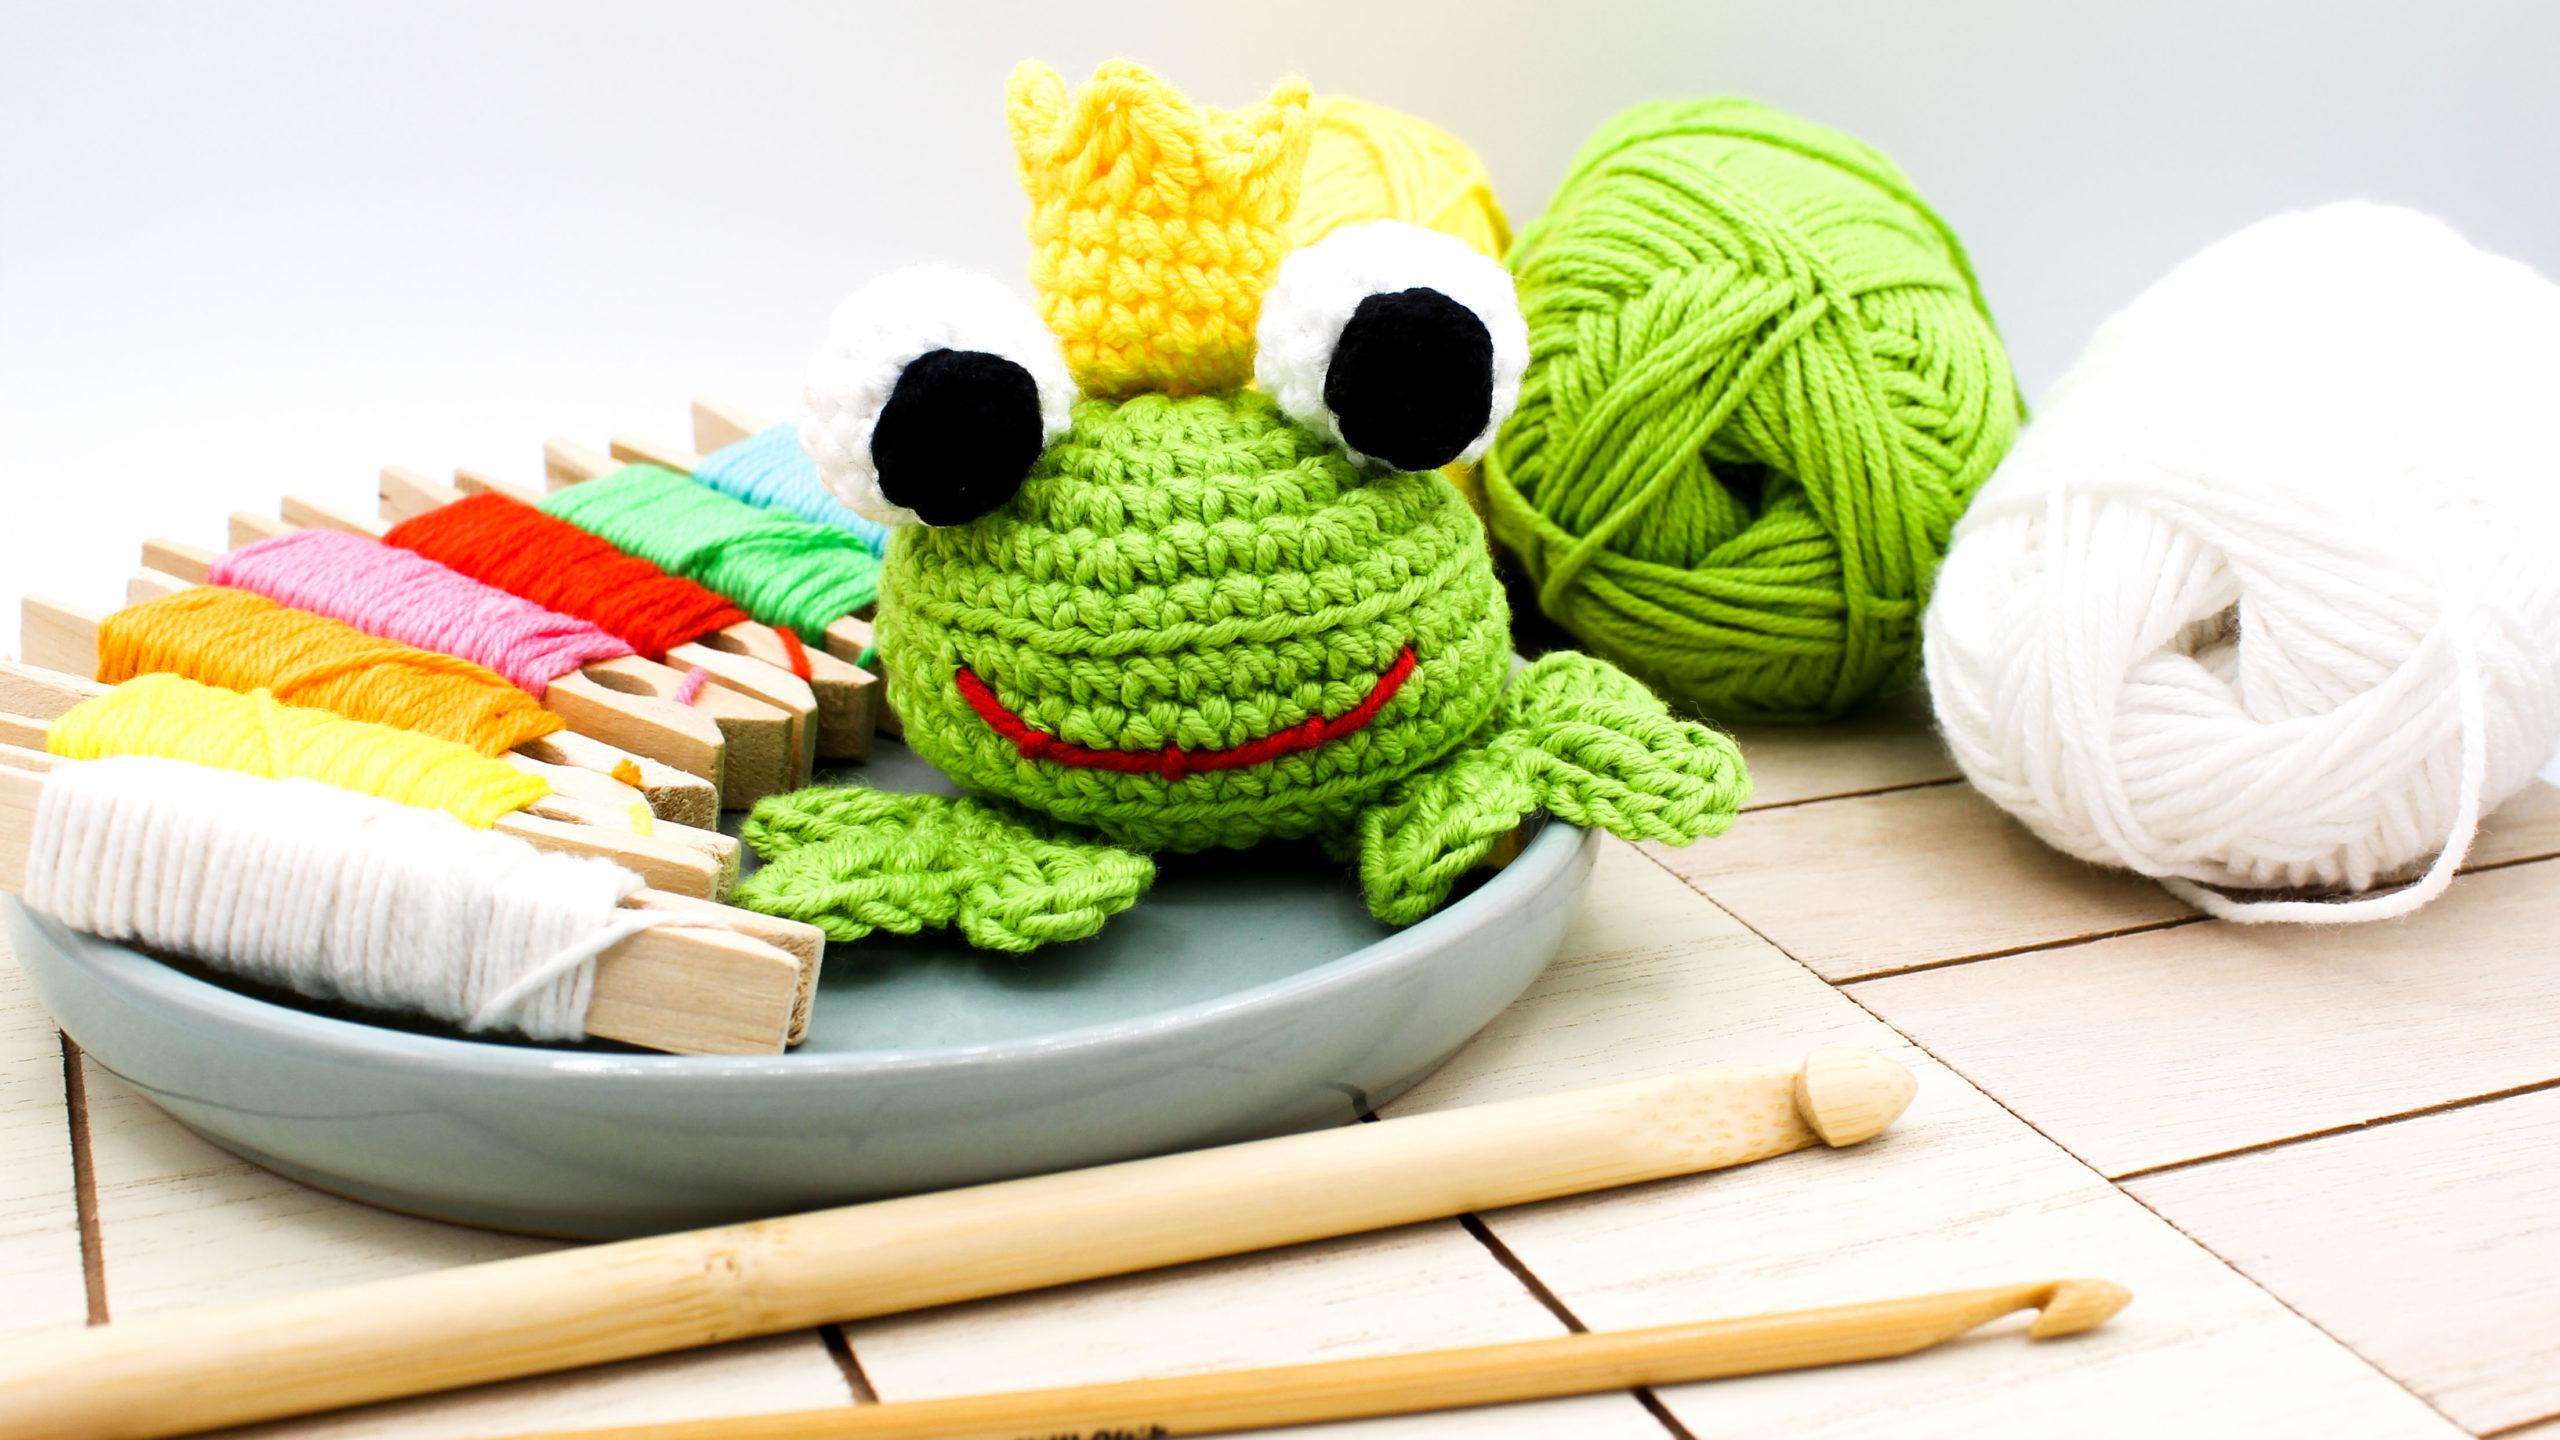 Kostenlos frosch bilder Frosch Bilder